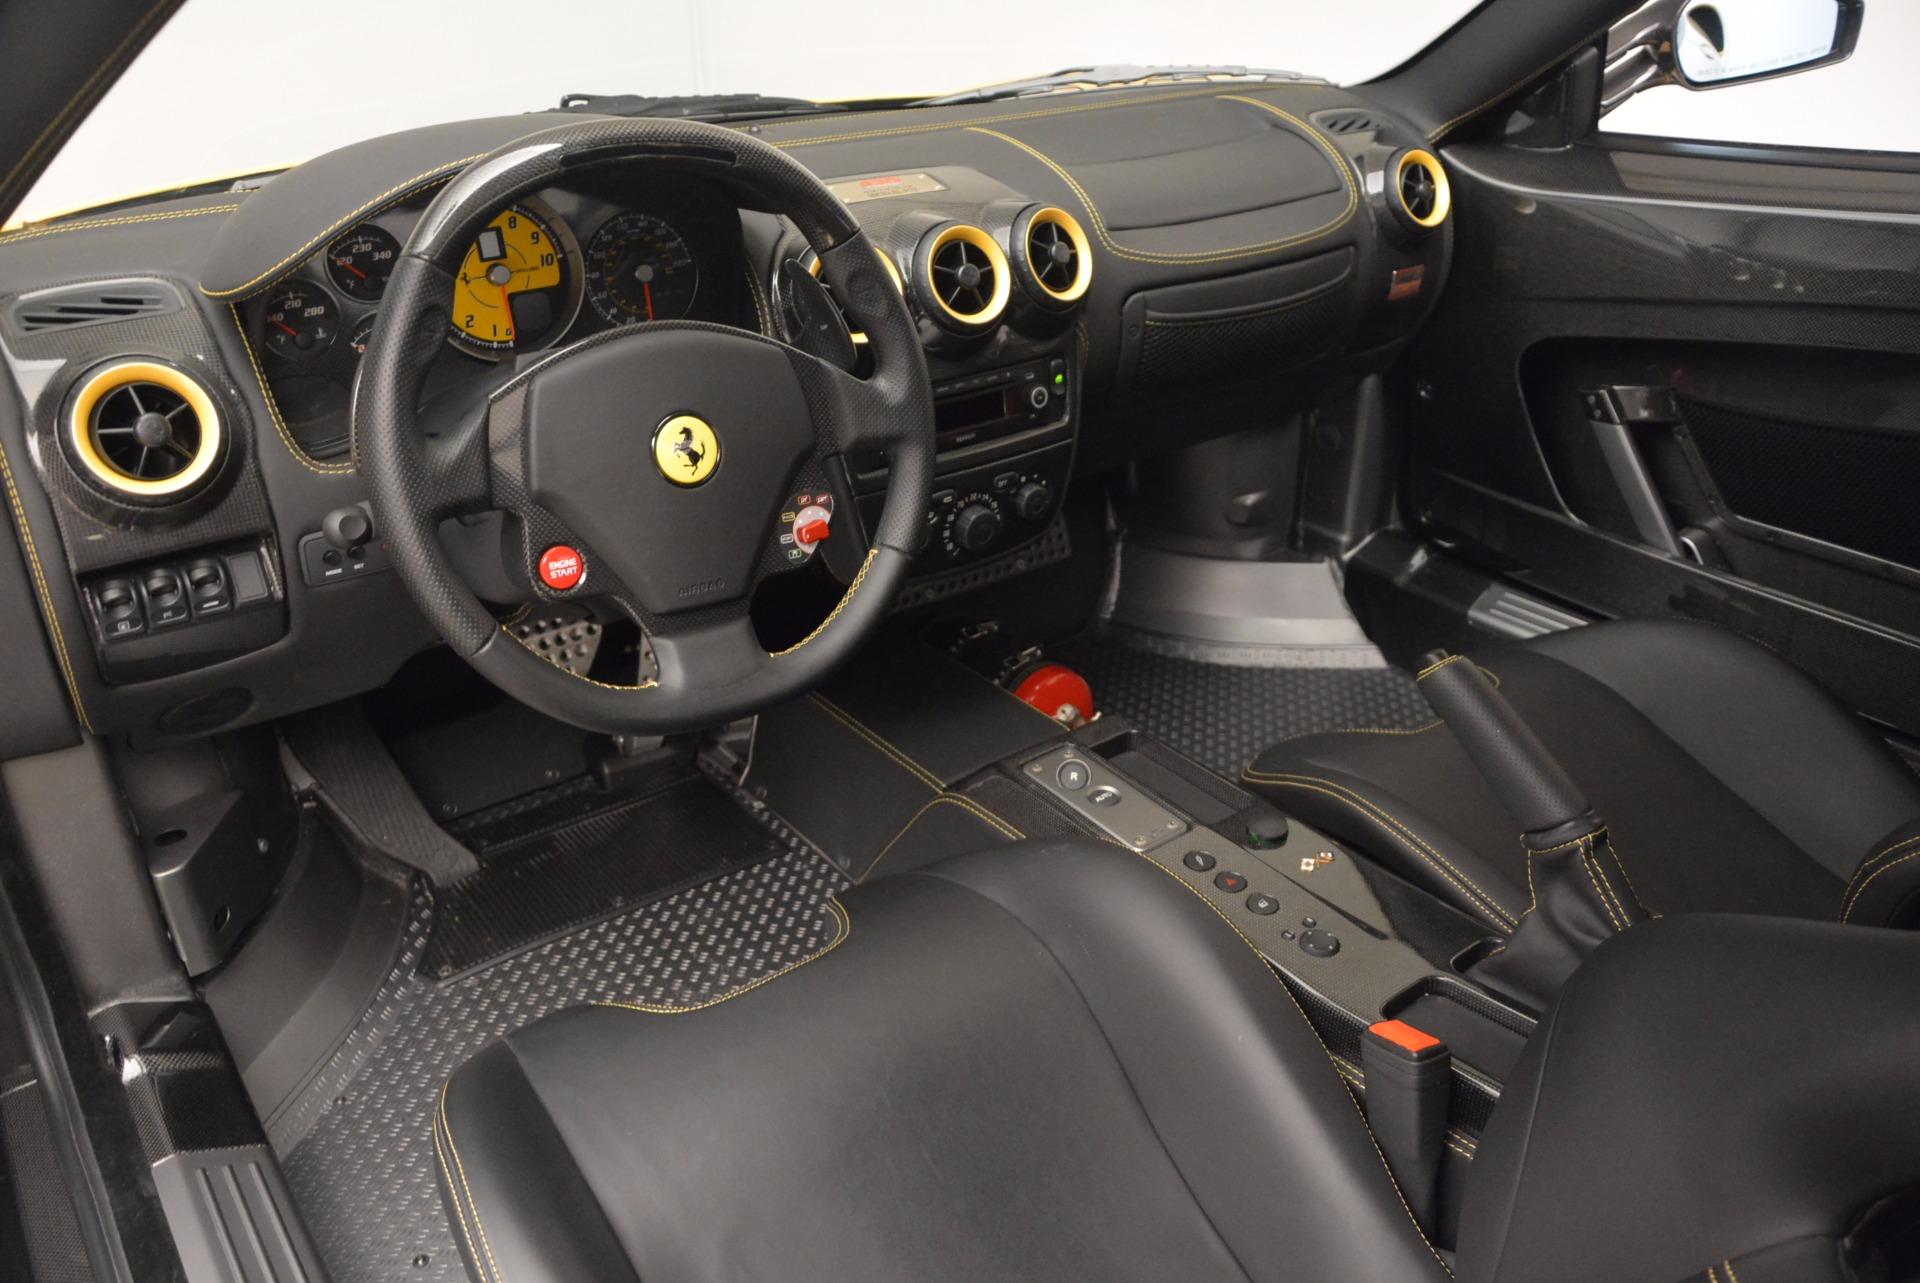 Used 2008 Ferrari F430 Scuderia For Sale In Greenwich, CT 1397_p13